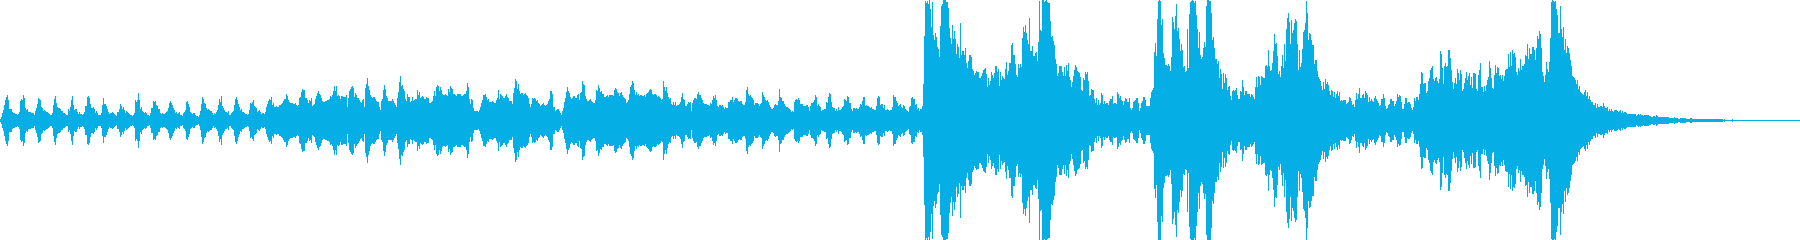 サスペンス映画の緊迫のシーンオーケストラの再生済みの波形